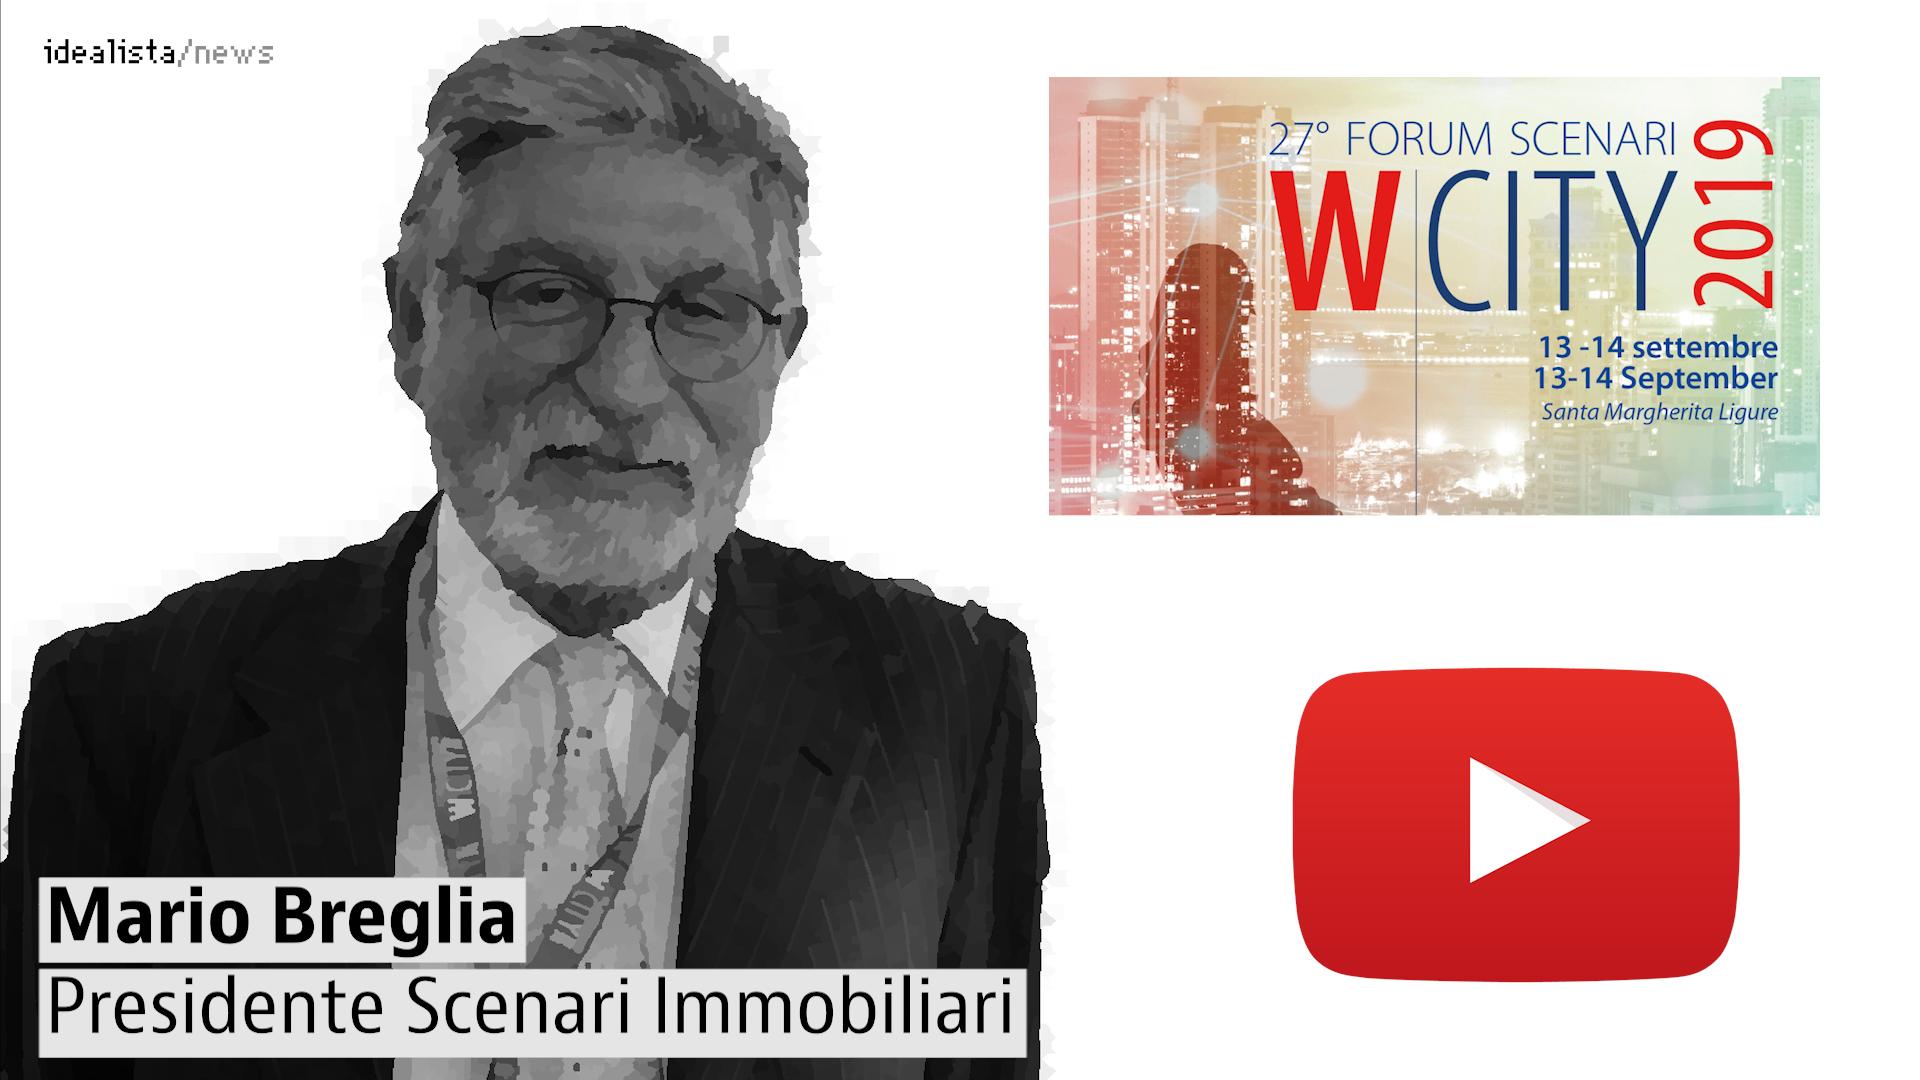 Mario Breglia